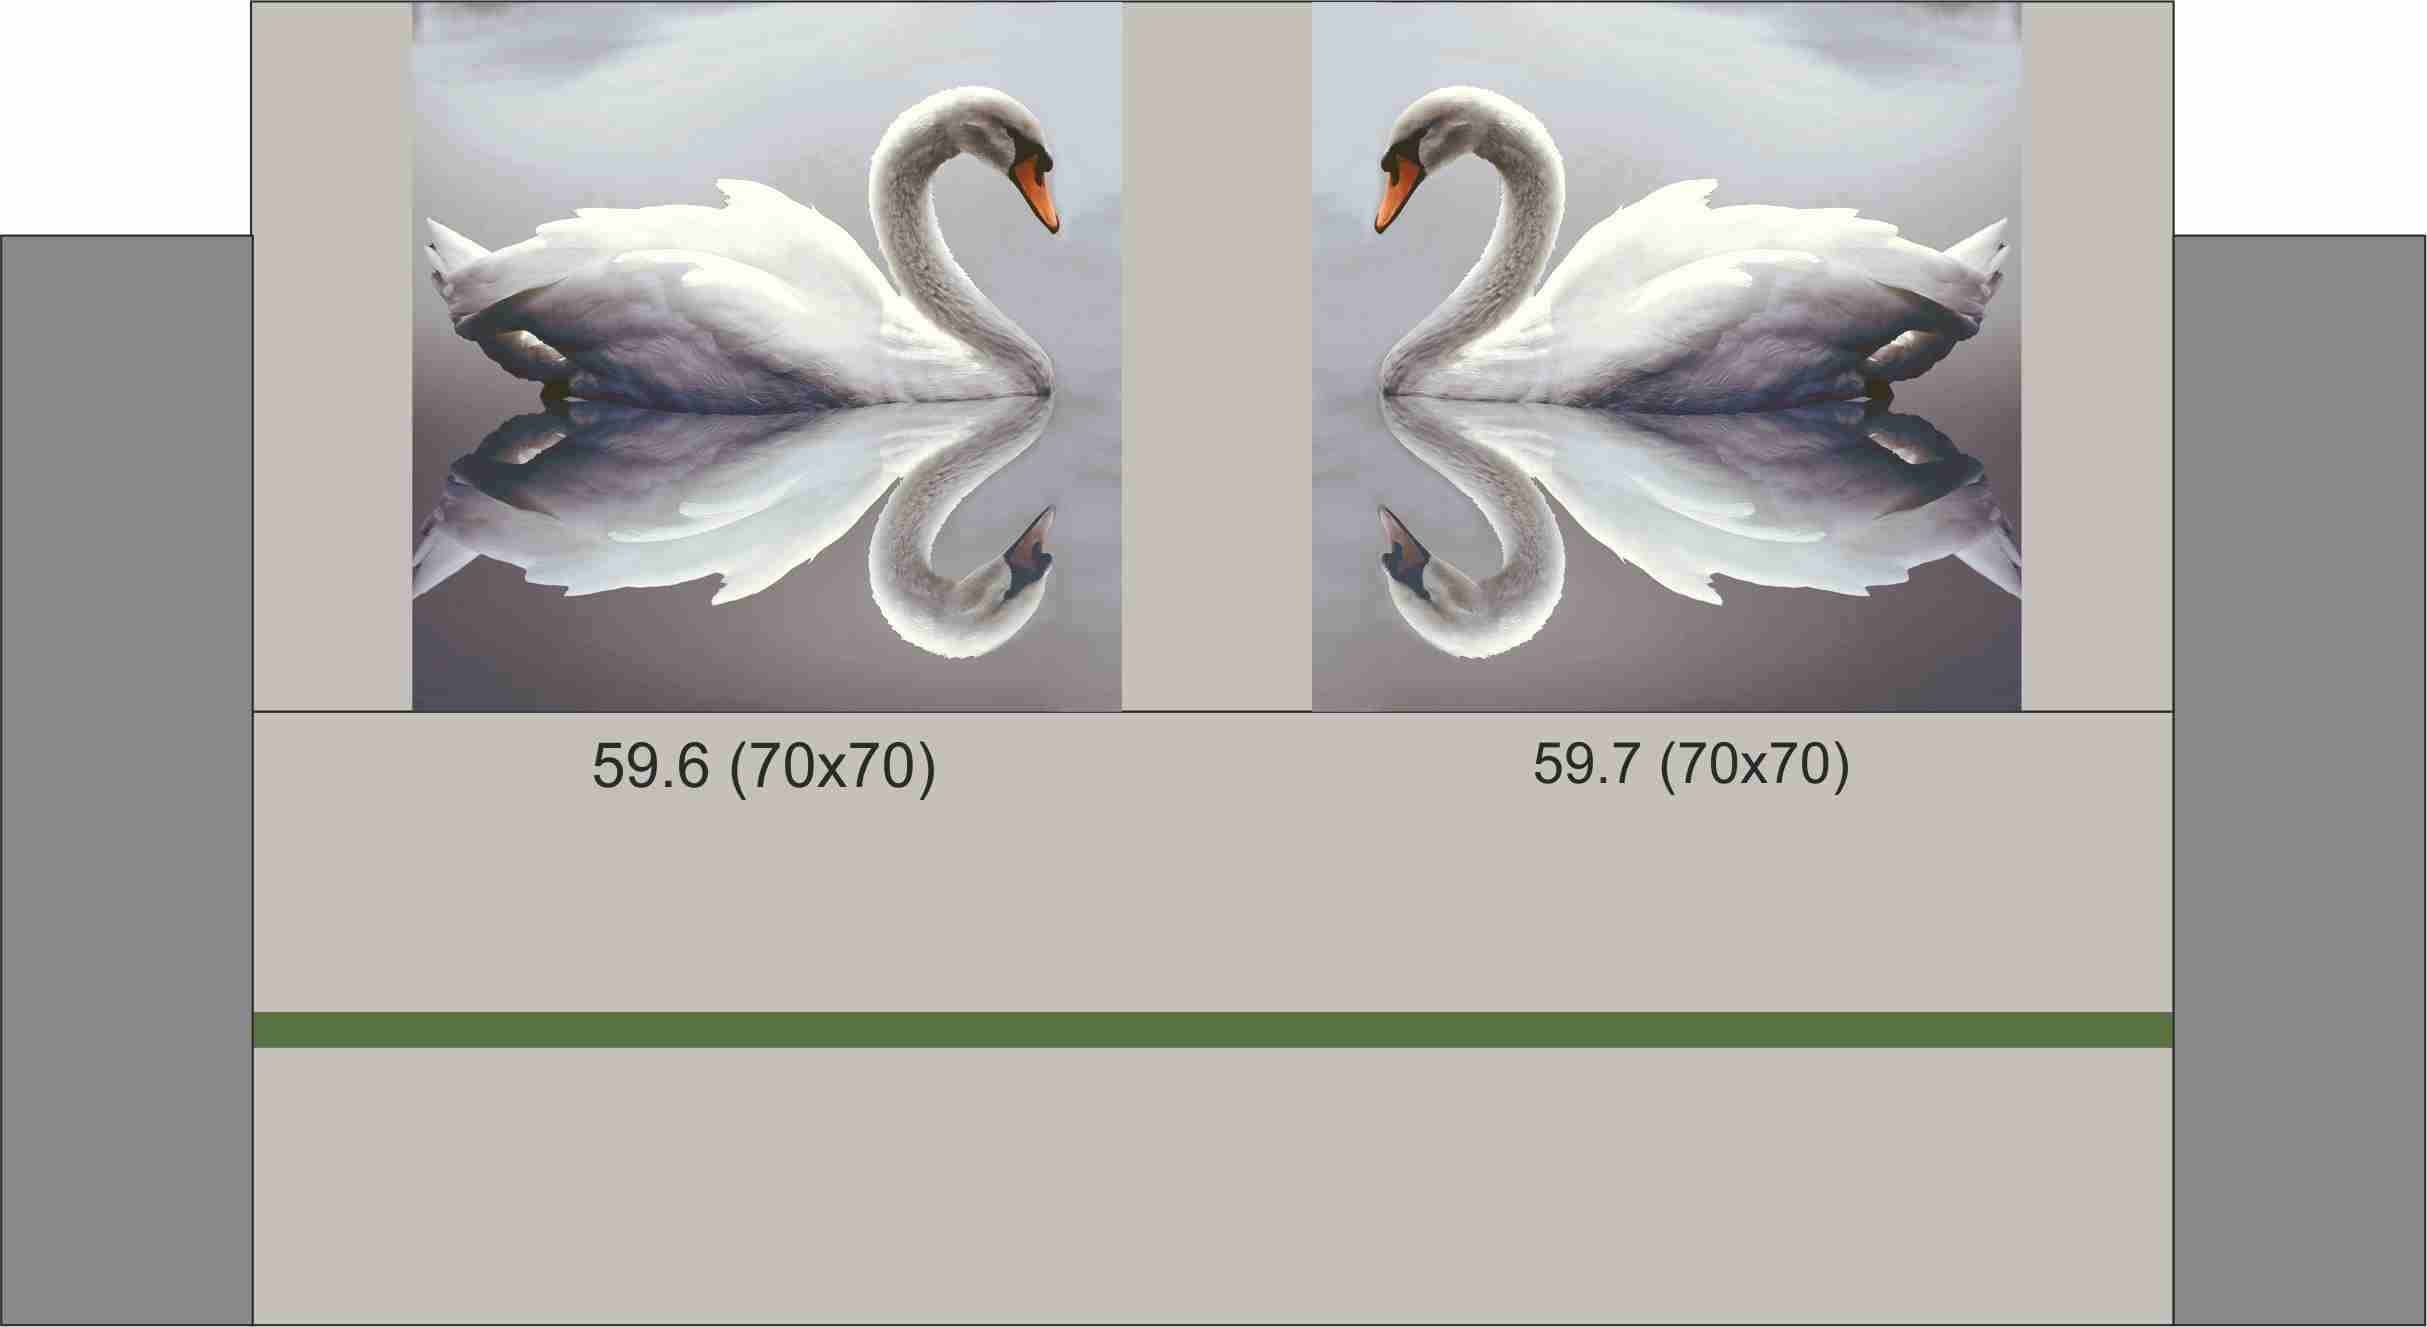 схема 59.6